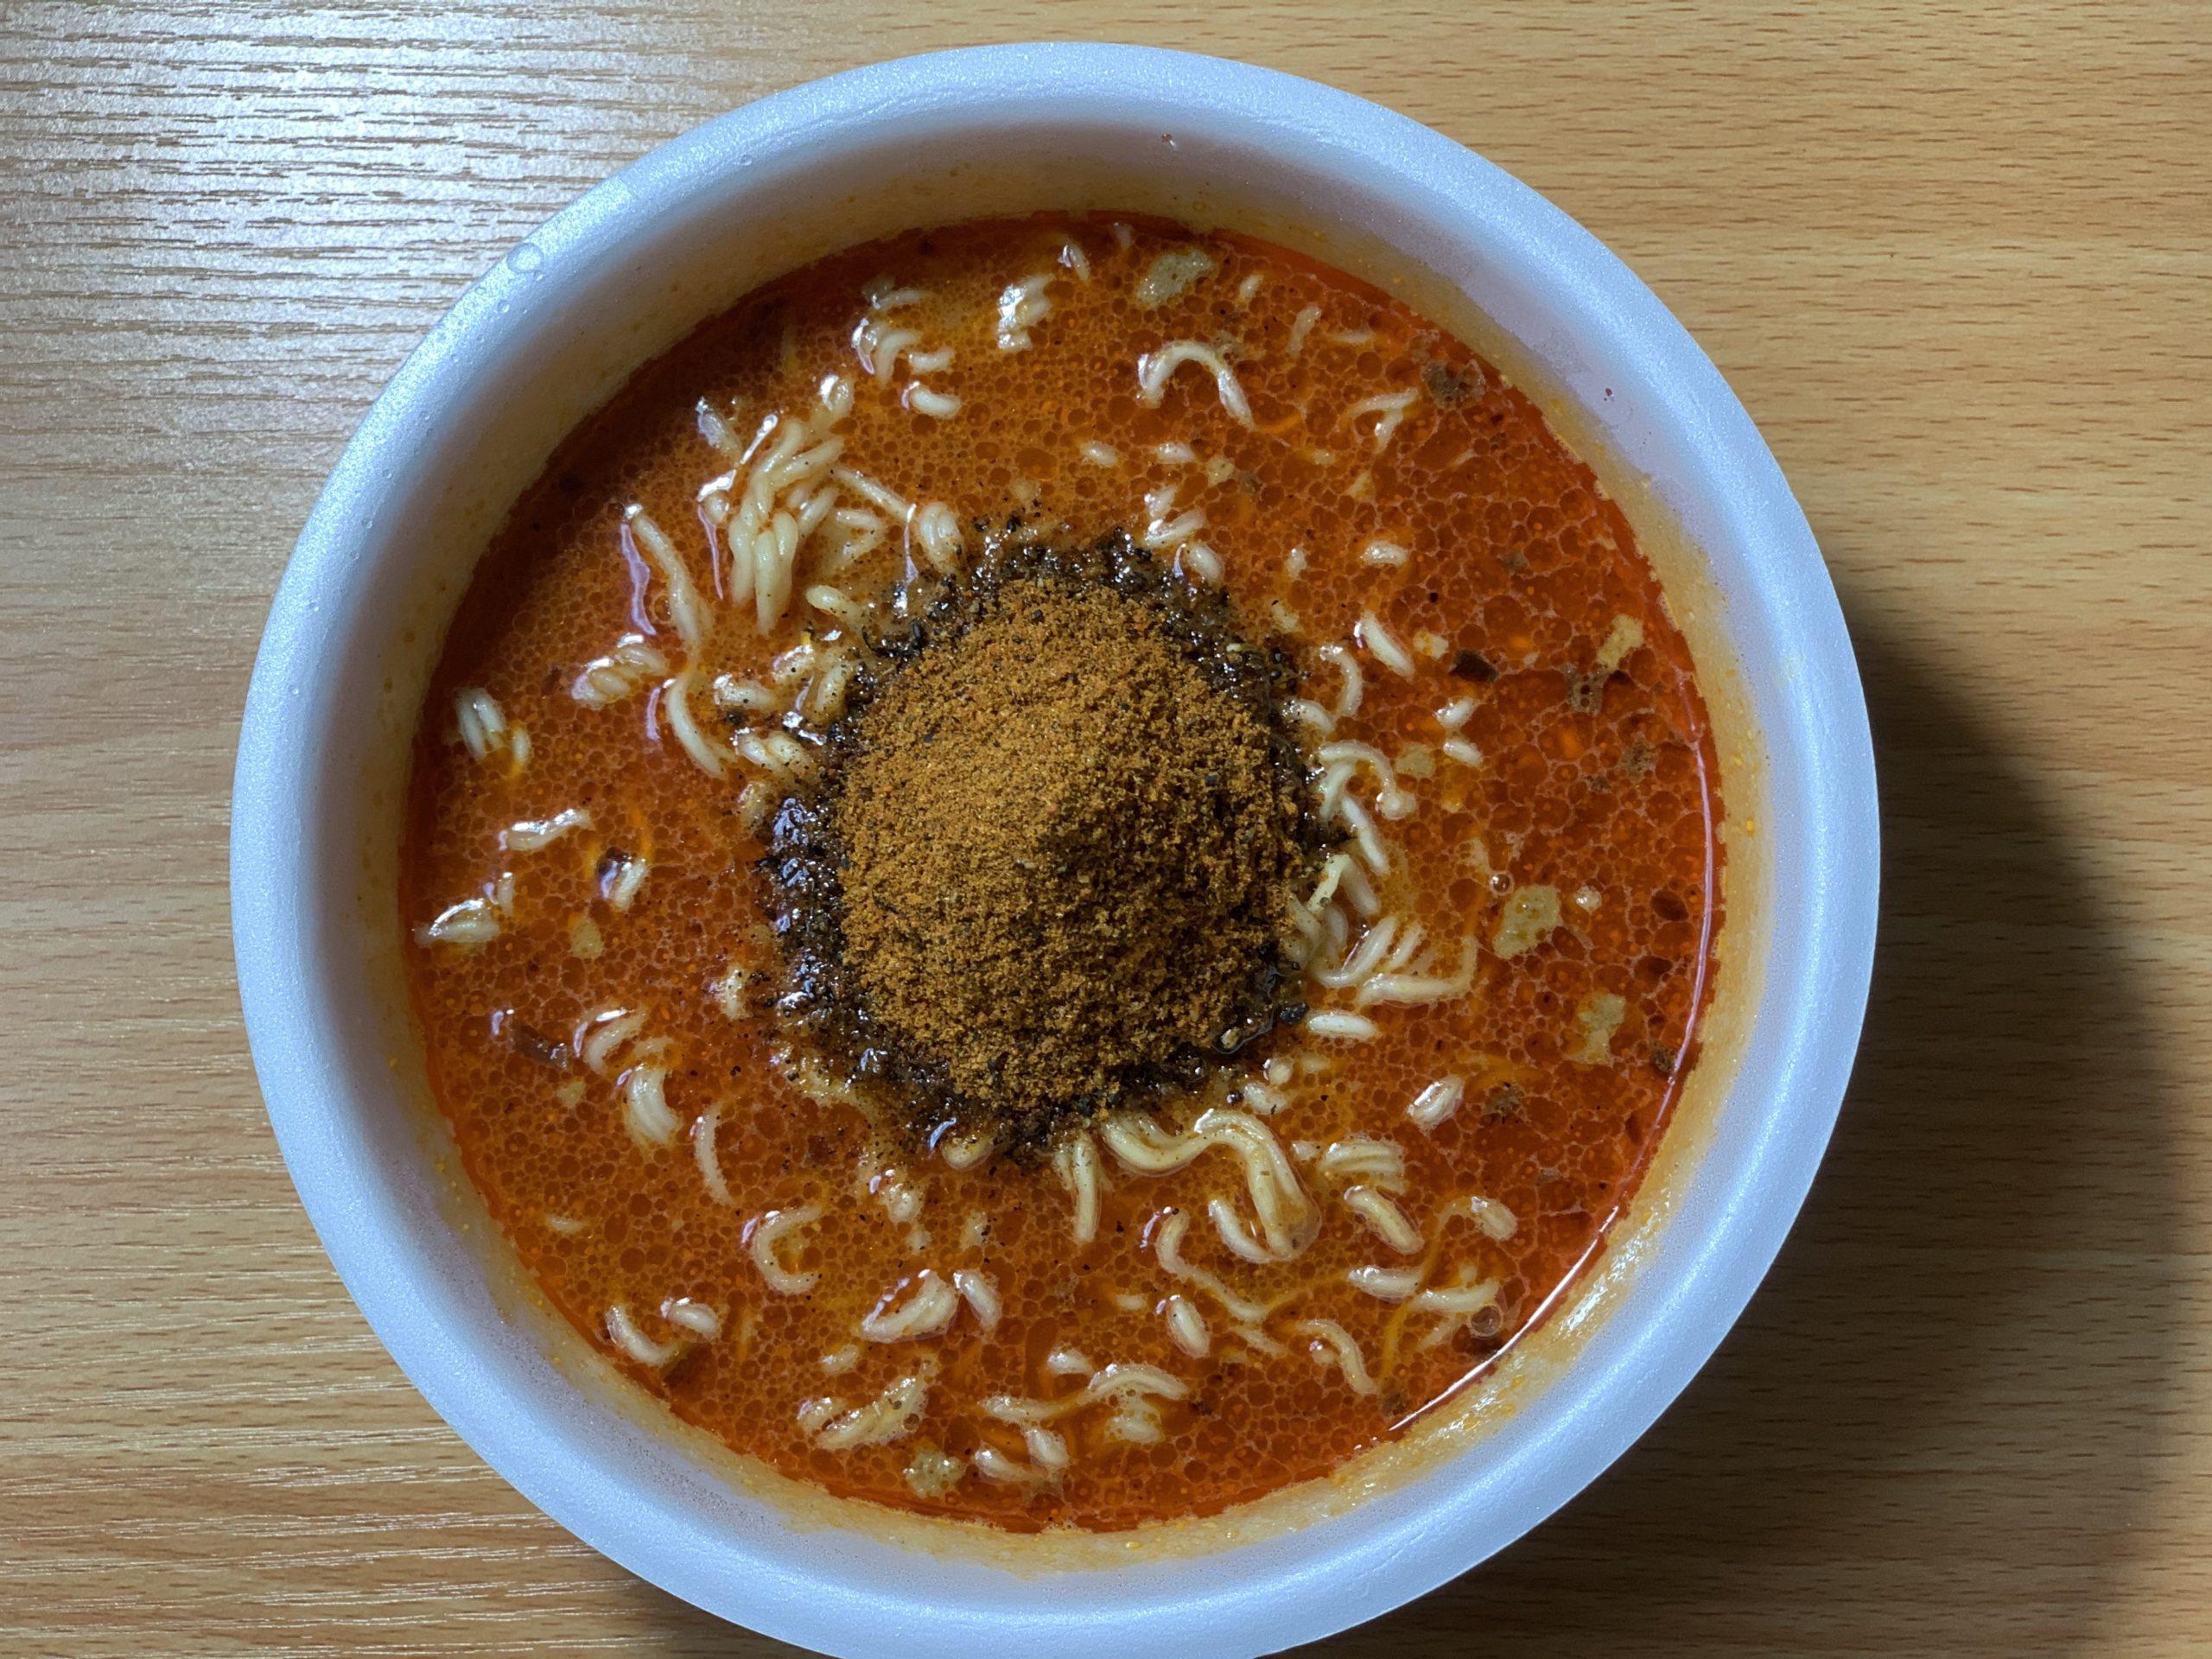 麺や兼虎カップ麺の後入れ粉末スープ